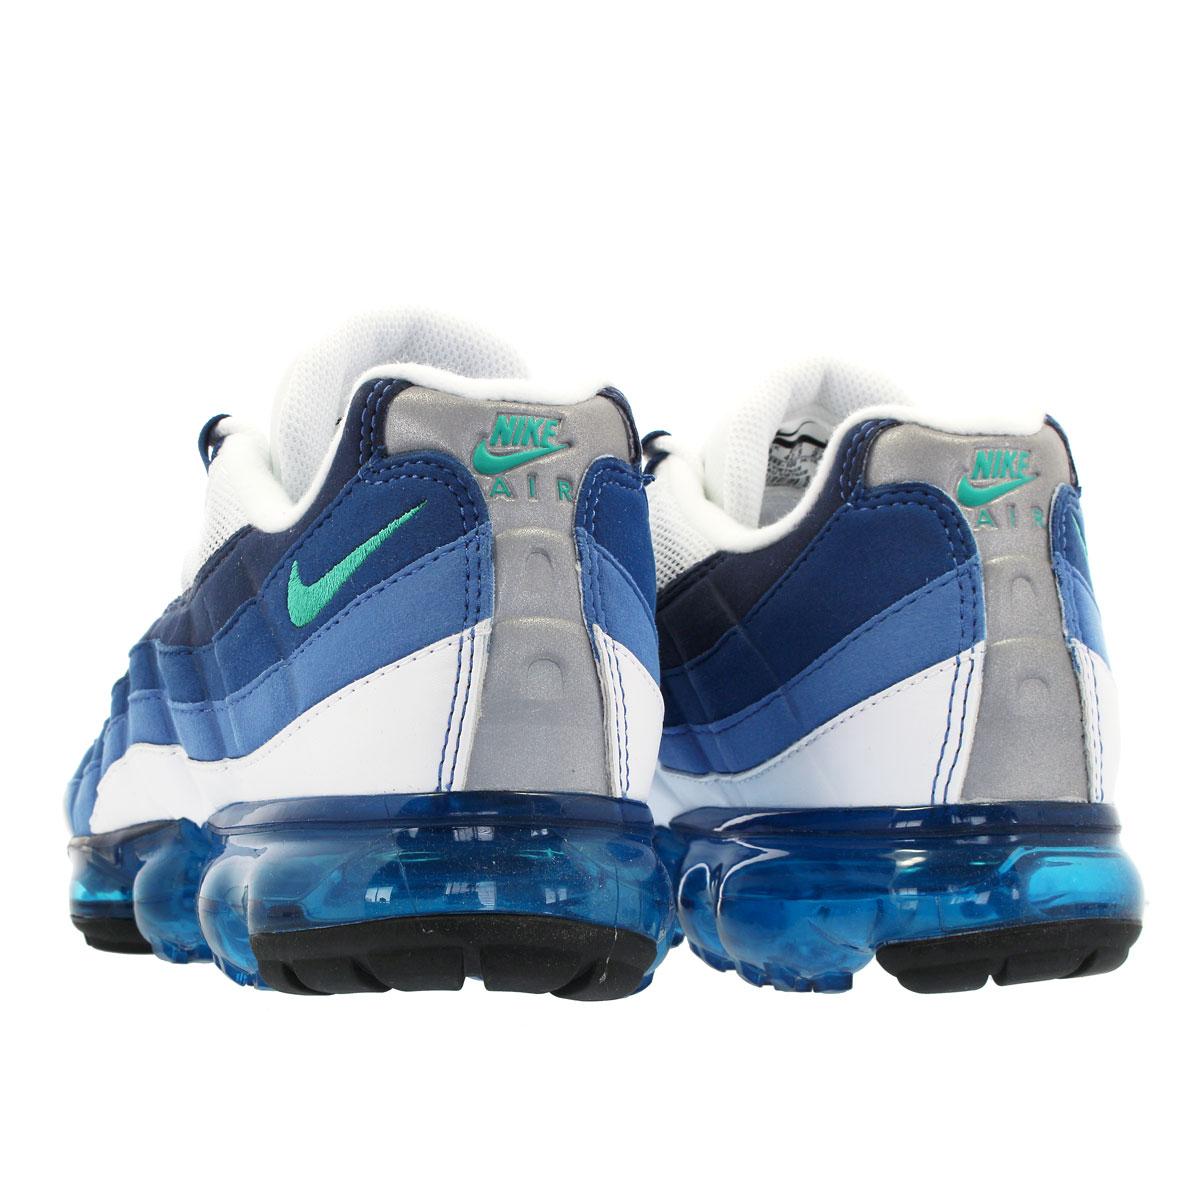 2fa28434f0 ... NIKE AIR VAPORMAX 95 Nike air vapor max 95 WHITE/NEW GREEN/FRENCH BLUE  ...